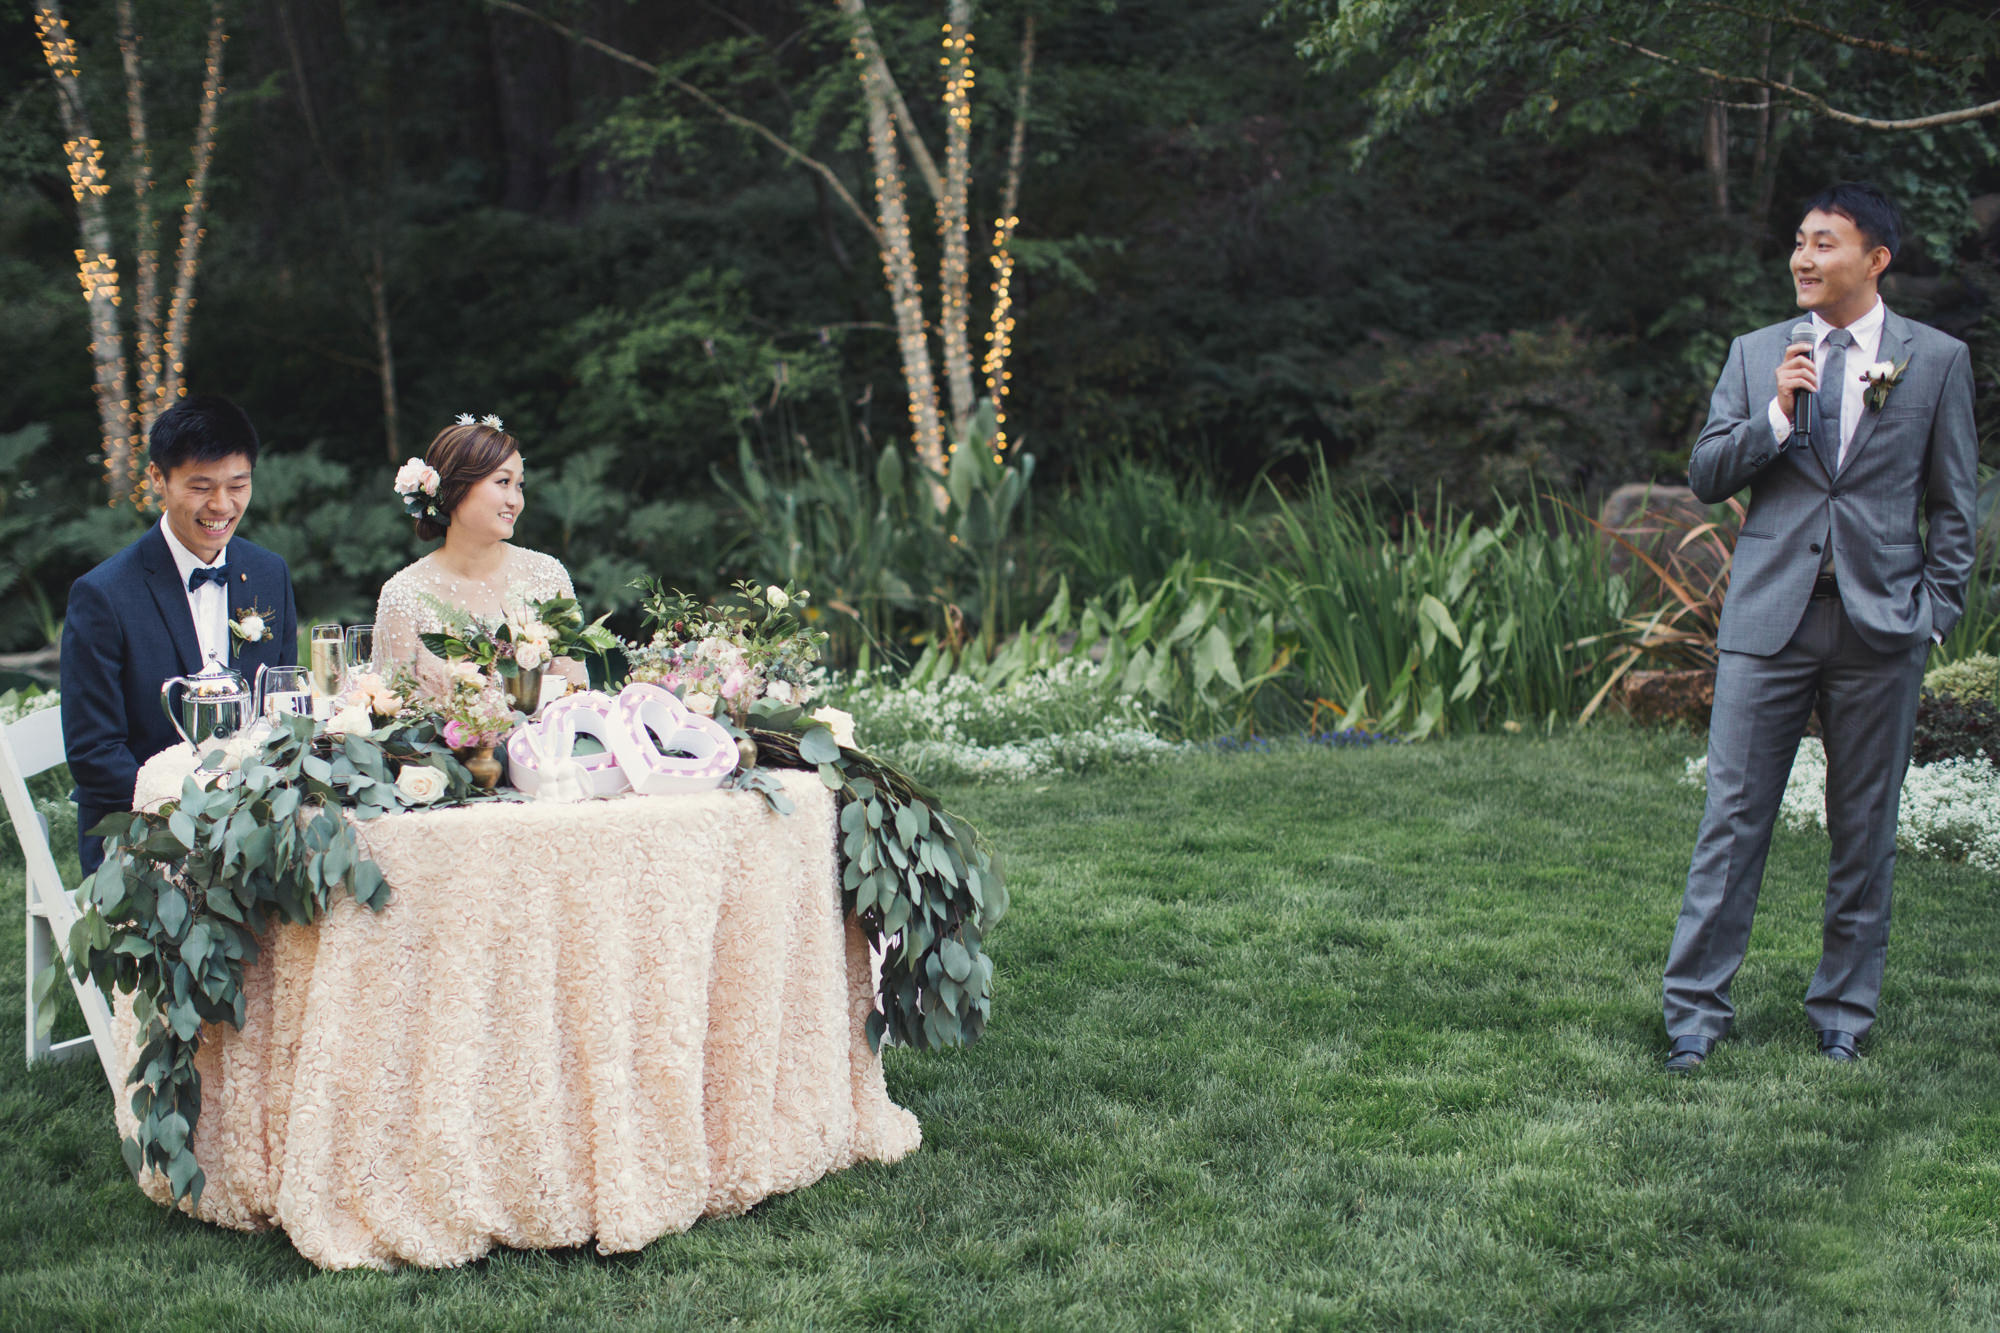 Fairytale Wedding in Nestldown ©Anne-Claire Brun 0051